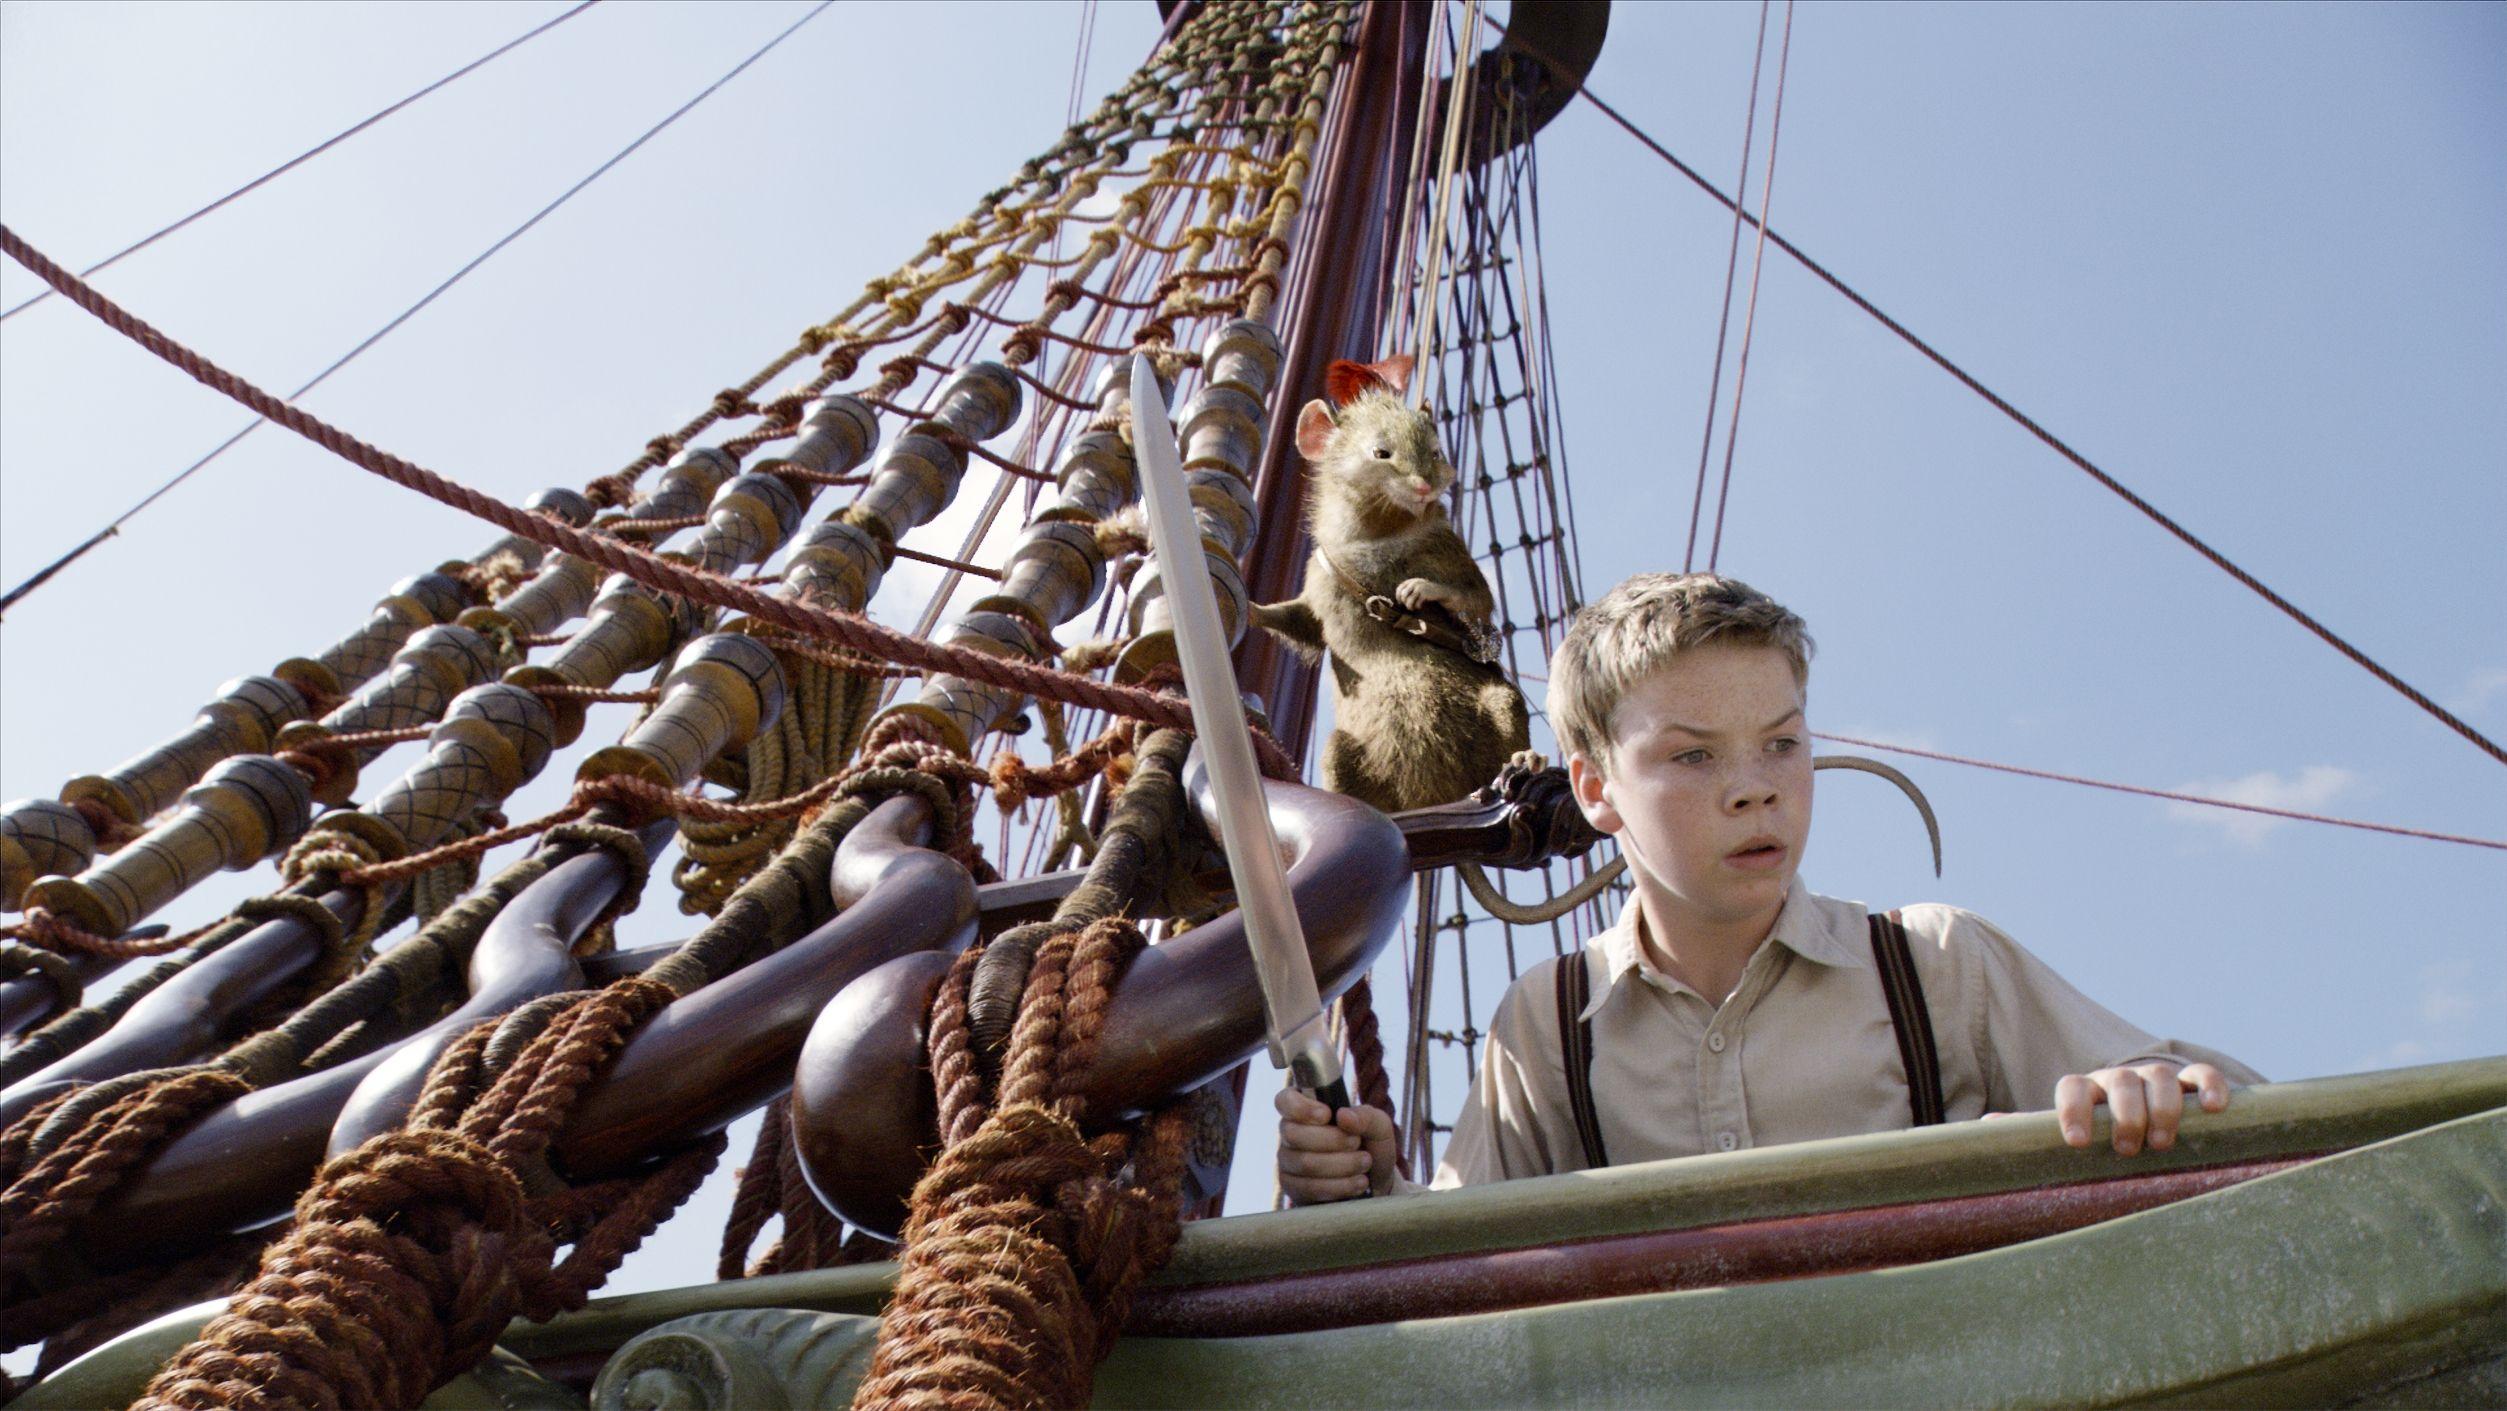 кадры из фильма Хроники Нарнии: Покоритель зари Саймон Пегг, Уилл Полтер,